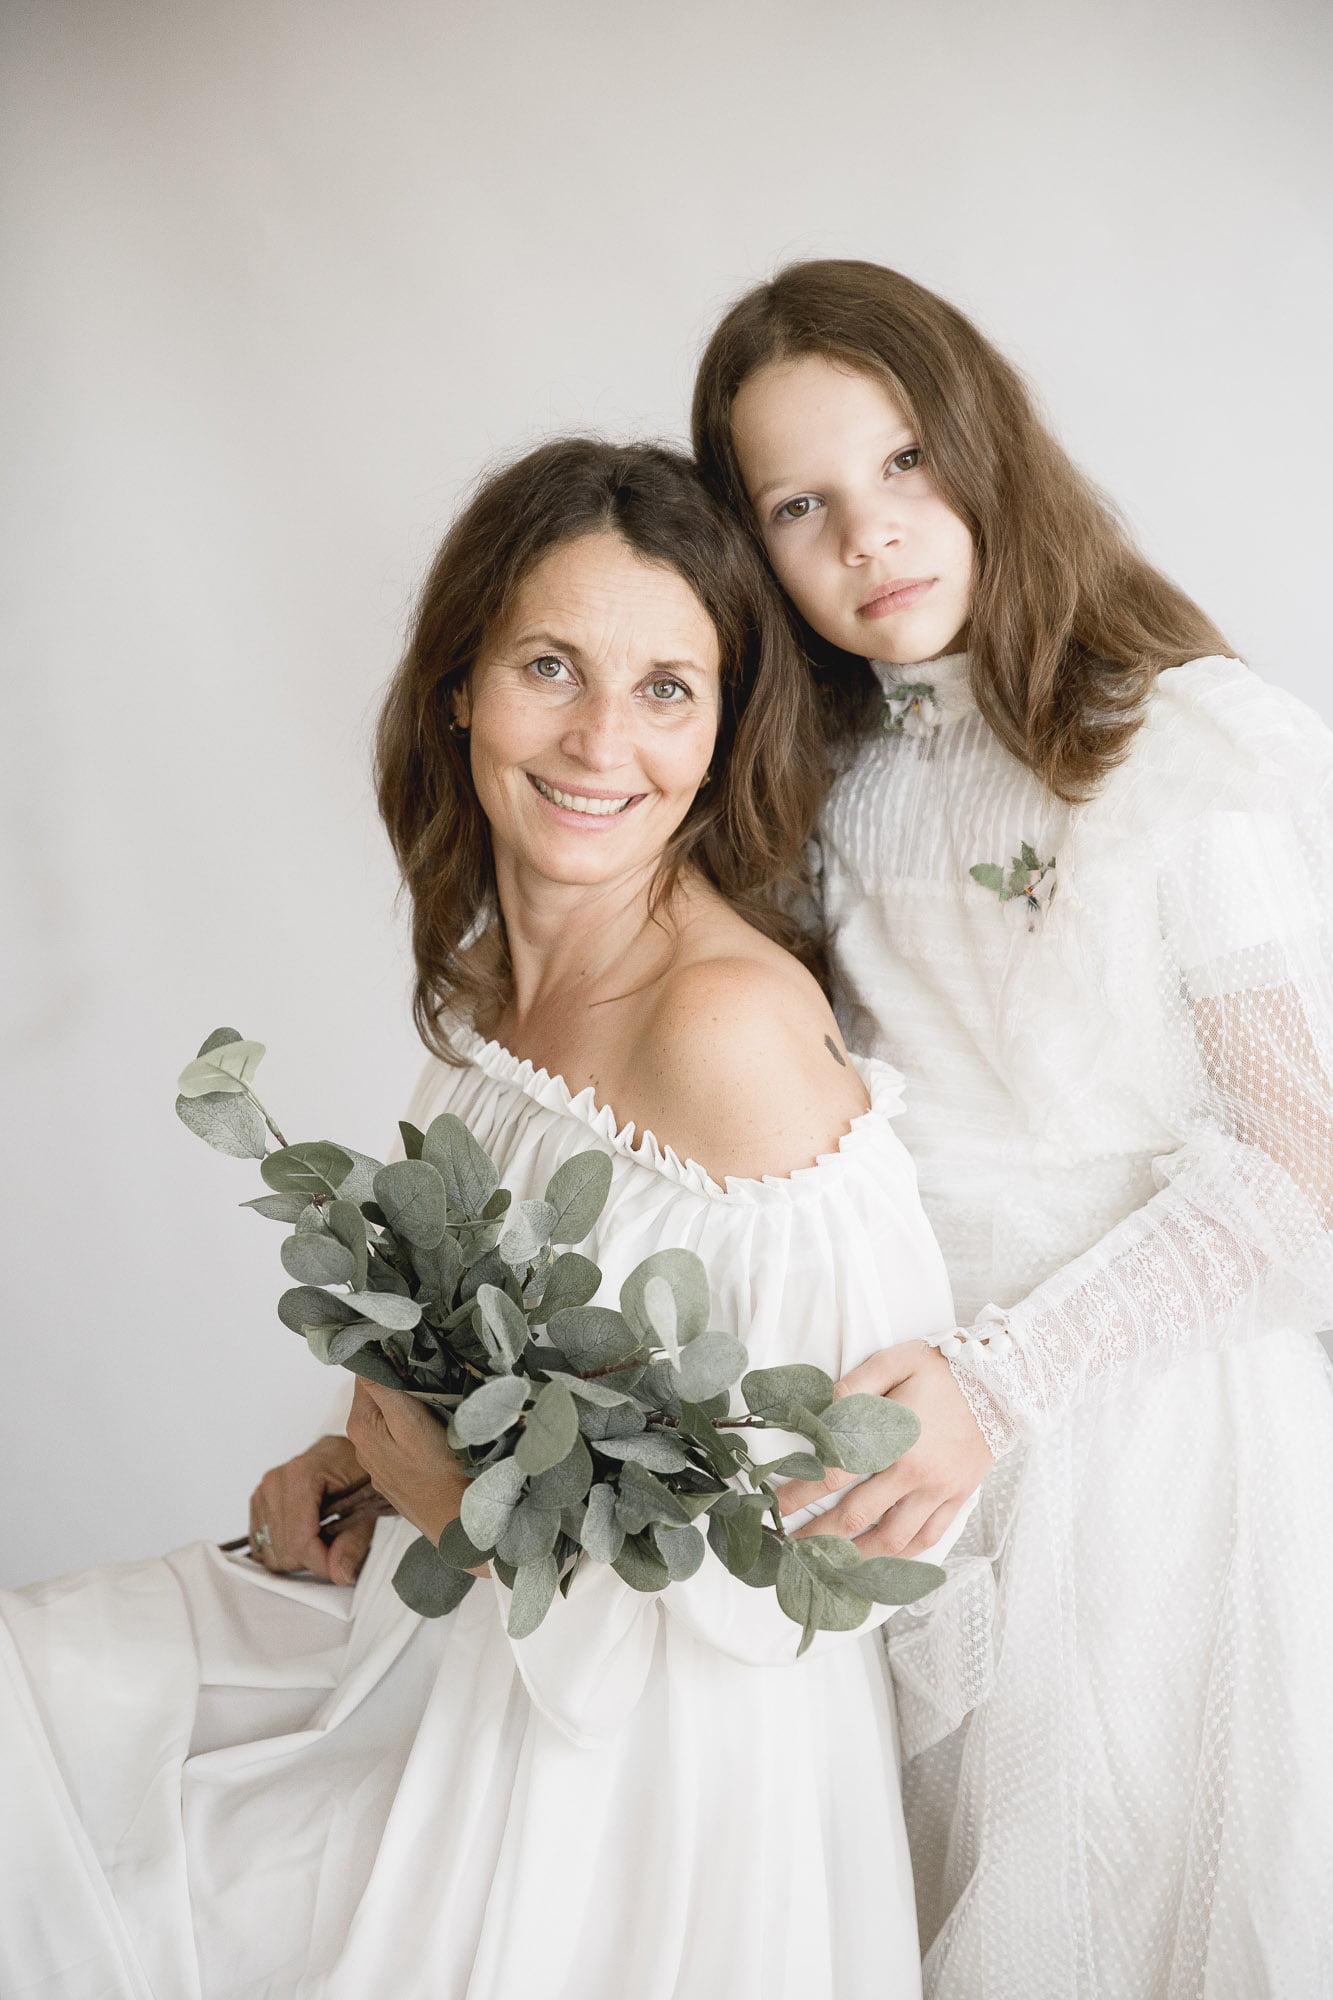 Familienfotos München: Familien-Shooting mit Mama und Kind